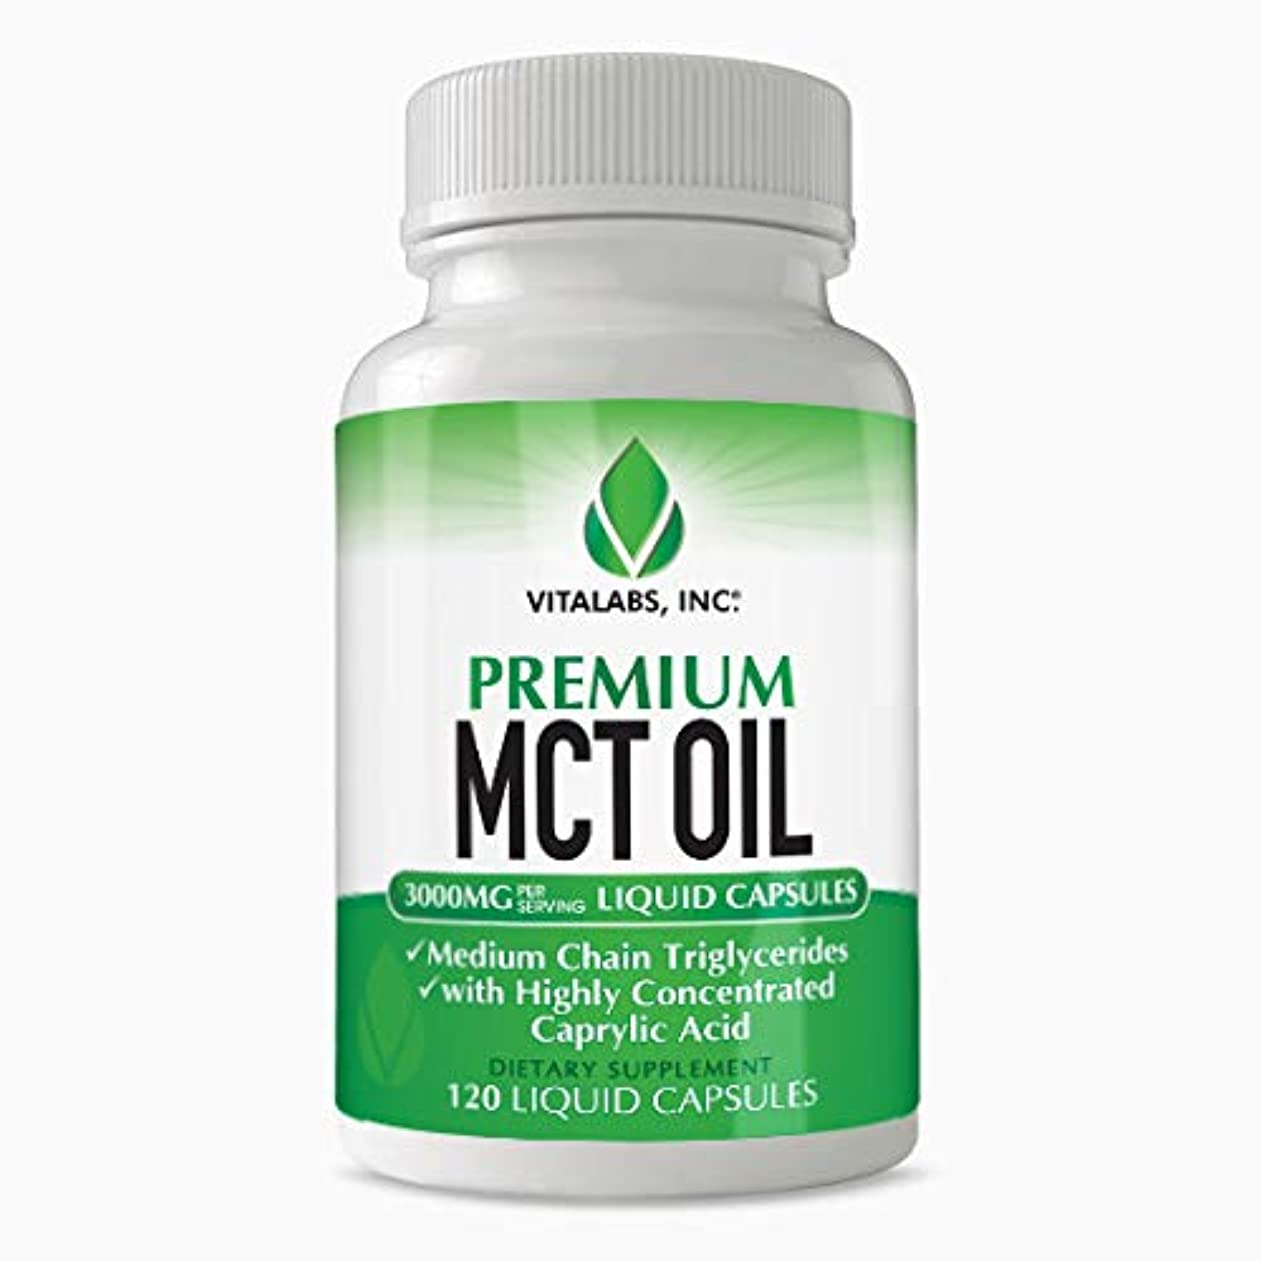 旅行代理店連合二次取りやすいジェルカプセルタイプ?ココナッツ由来-MCT オイル/3000mg(1Serving) 120Capsules 【Vitalabs.MCT Oil】 (1)